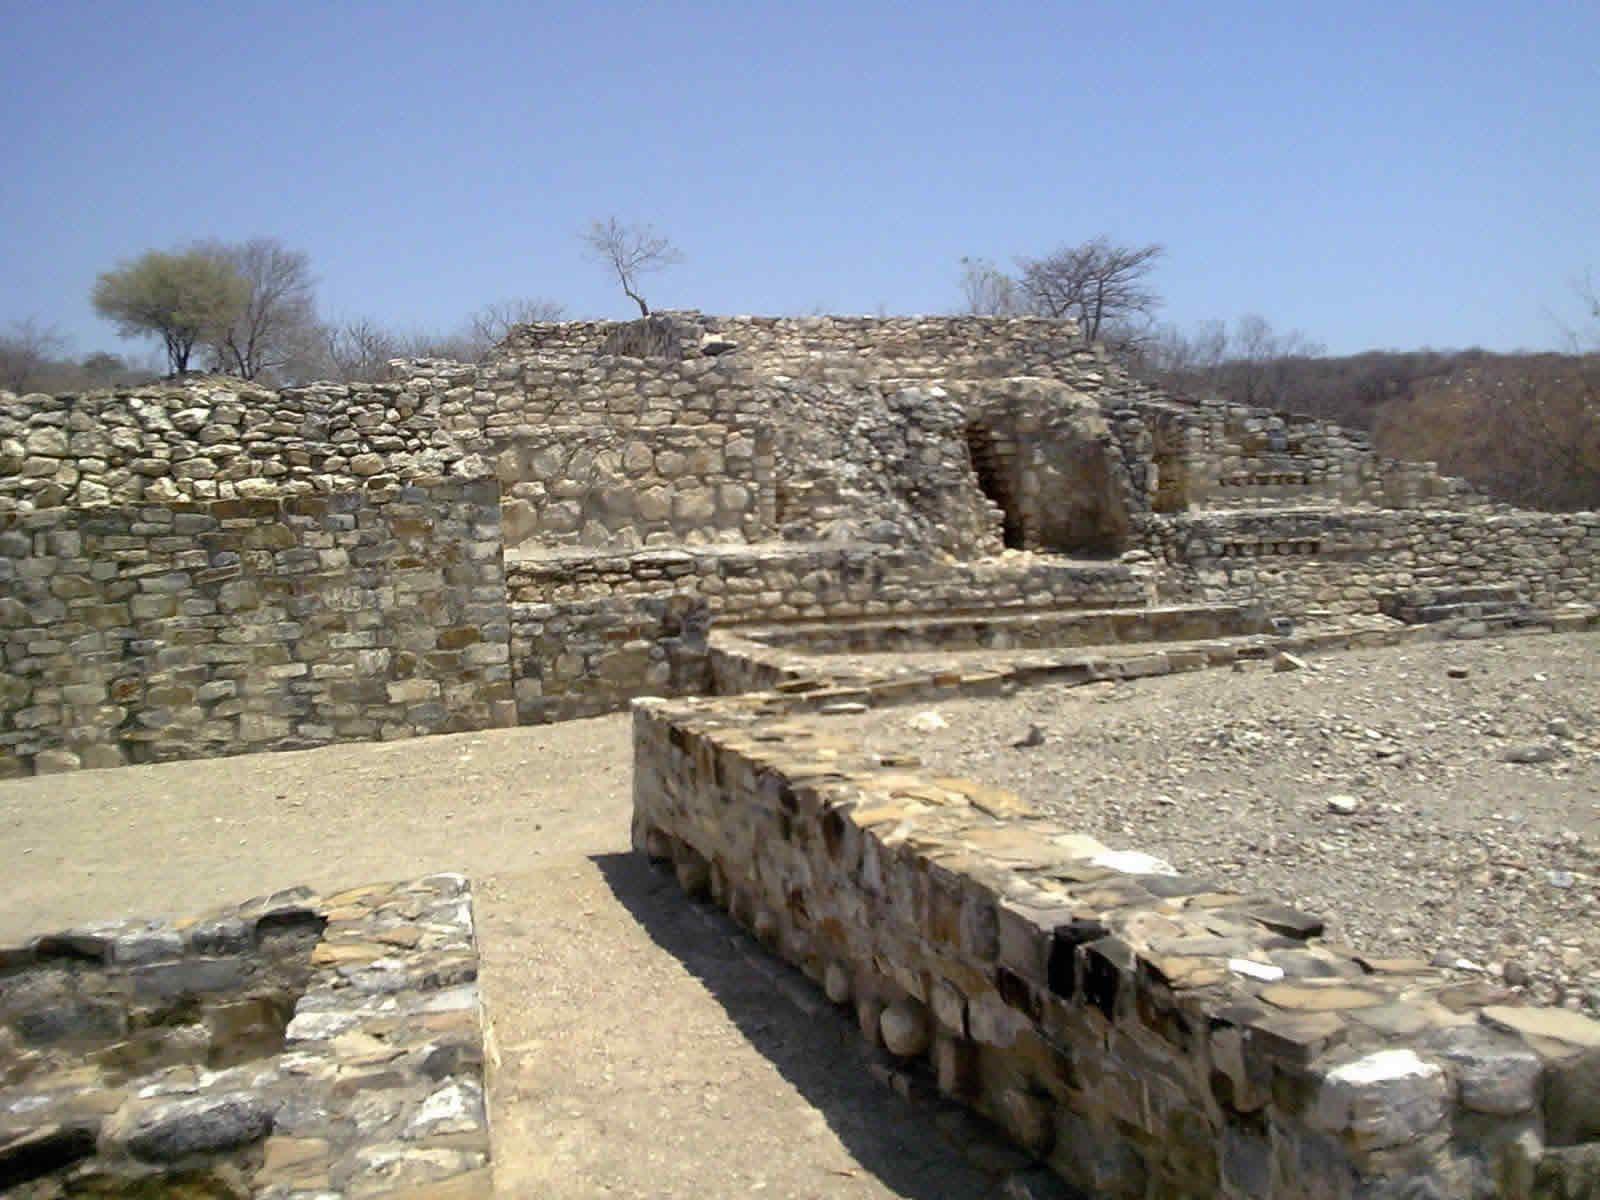 Ixcateopan de Guerrero.